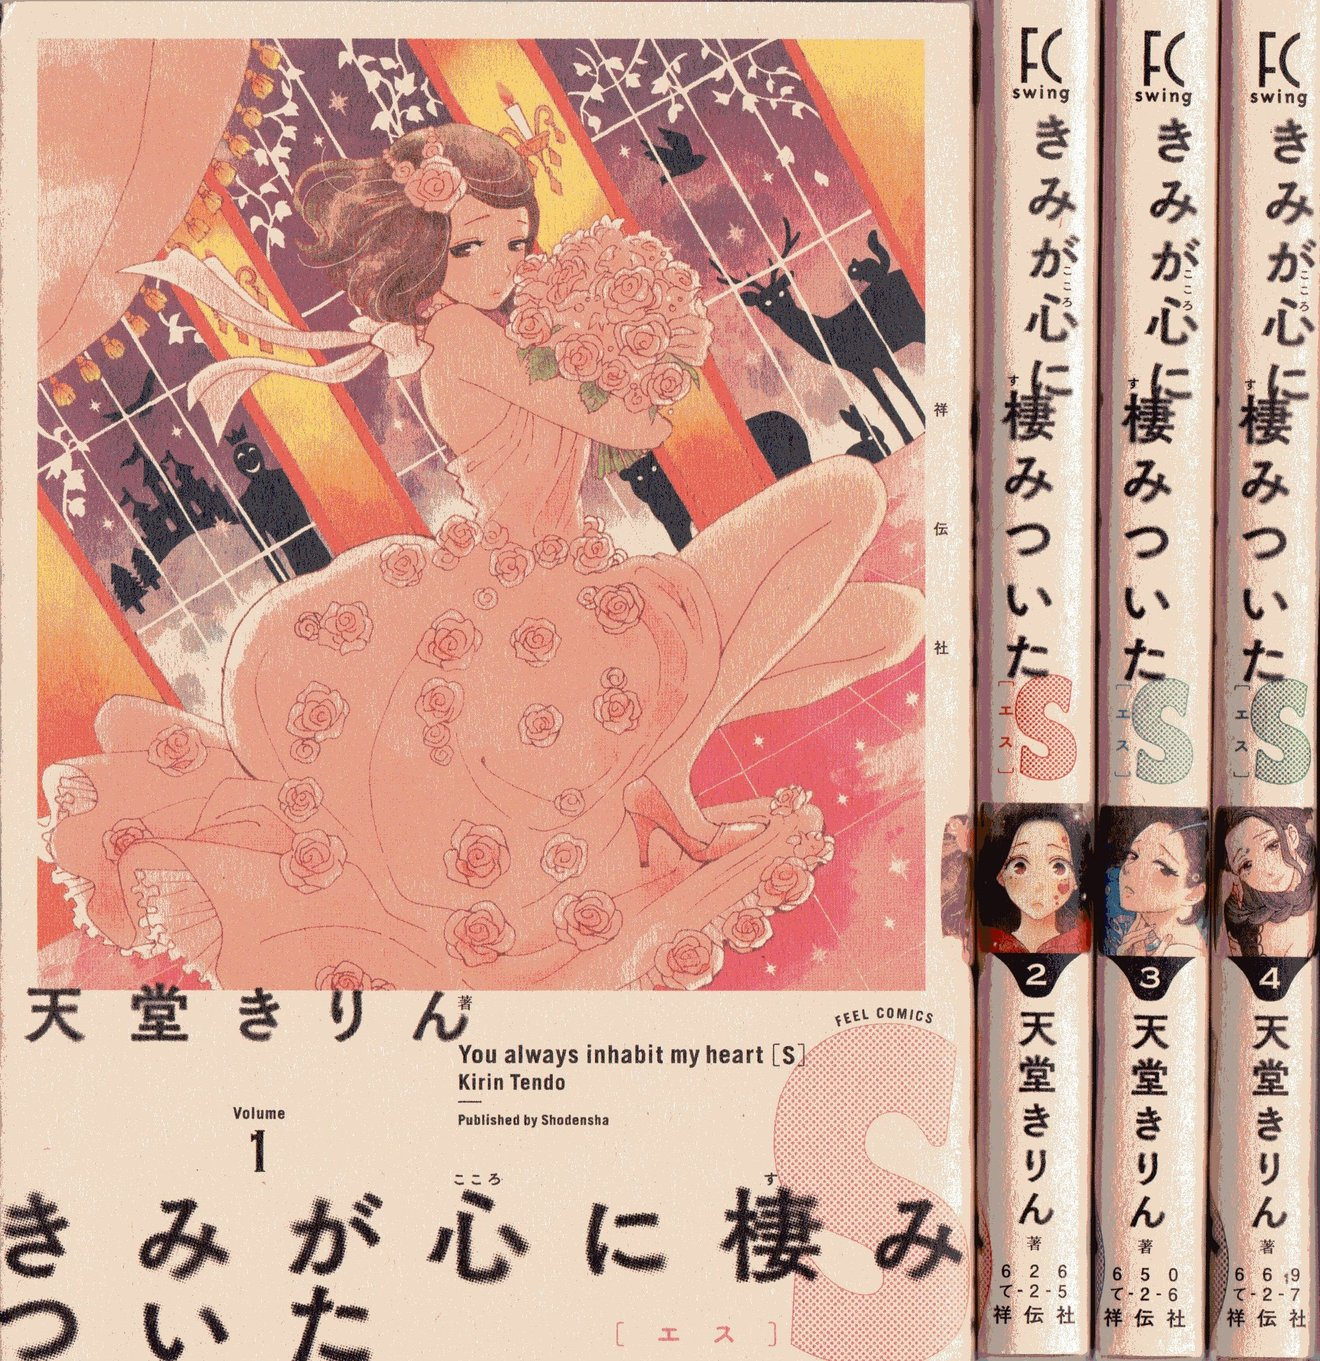 漫画『きみが心に棲みついた』が無料!全巻の魅力をネタバレ紹介!